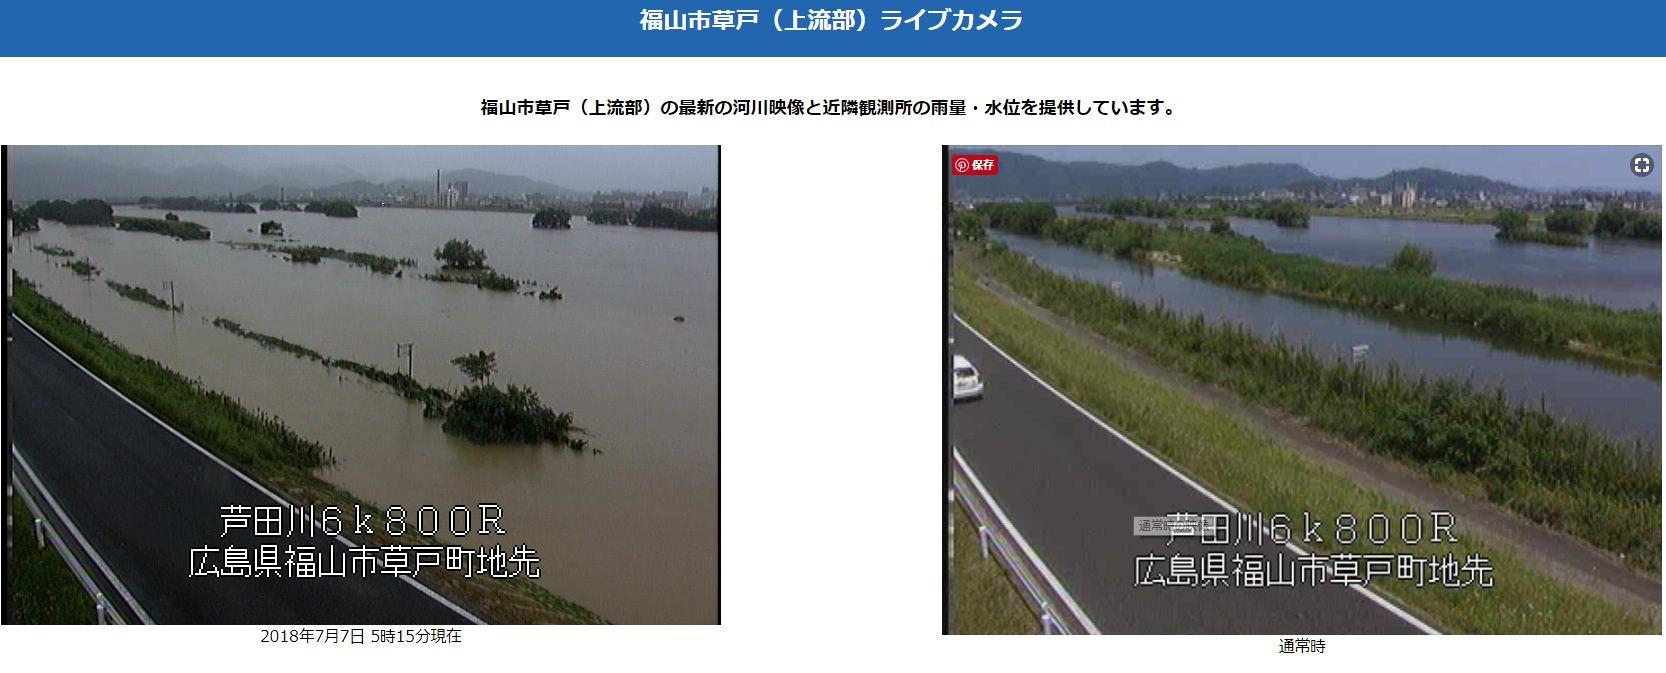 芦田川が危険水域に!